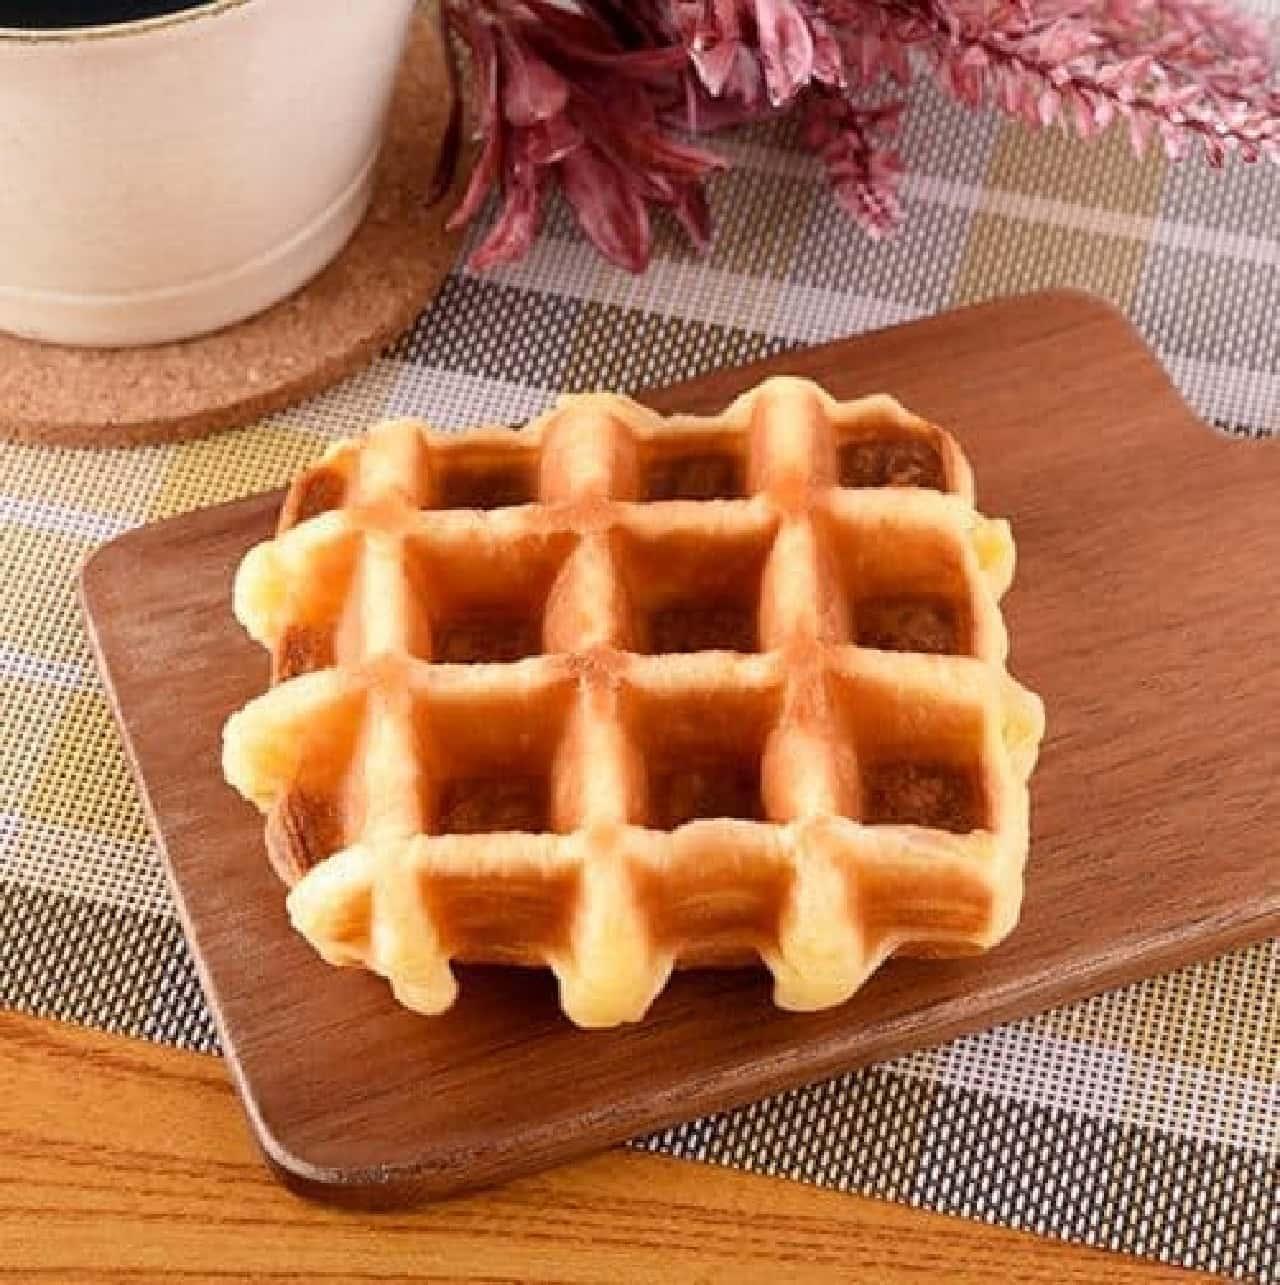 ファミリーマート「こだわりのワッフル フランス産発酵バター使用」